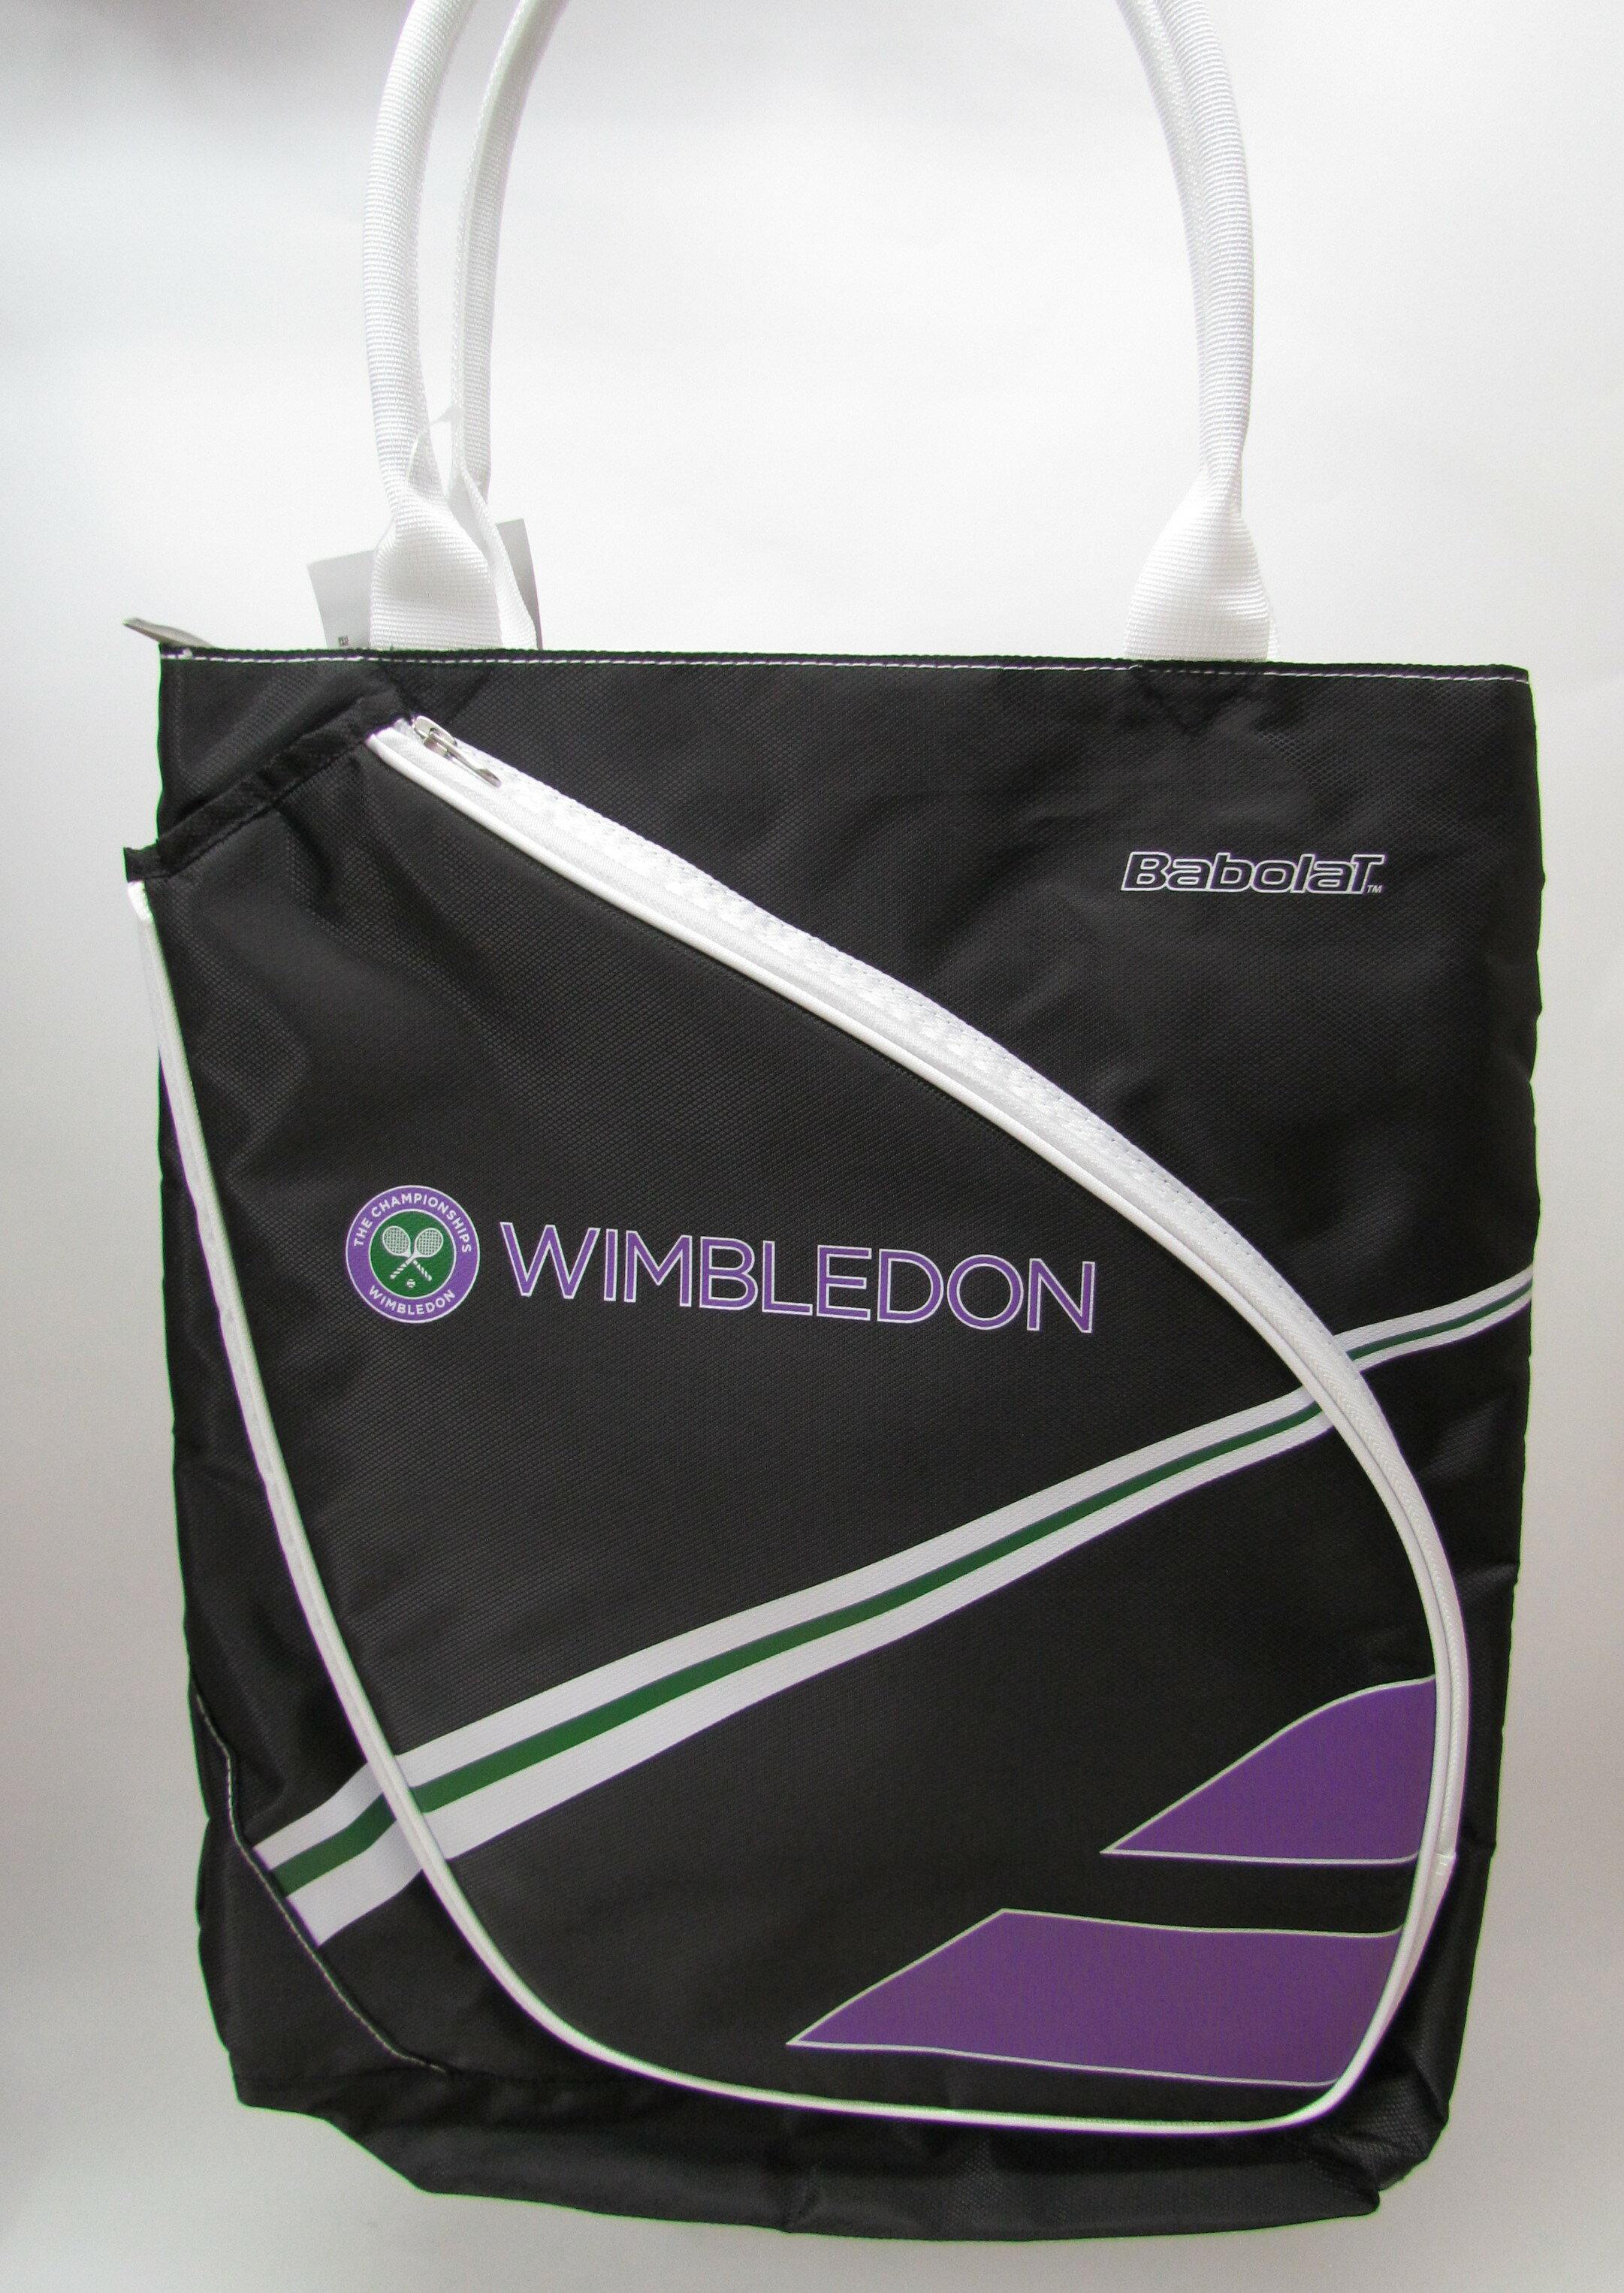 Babolat Wimbledon All England Spirit 溫布頓網球公開賽紀念球拍袋